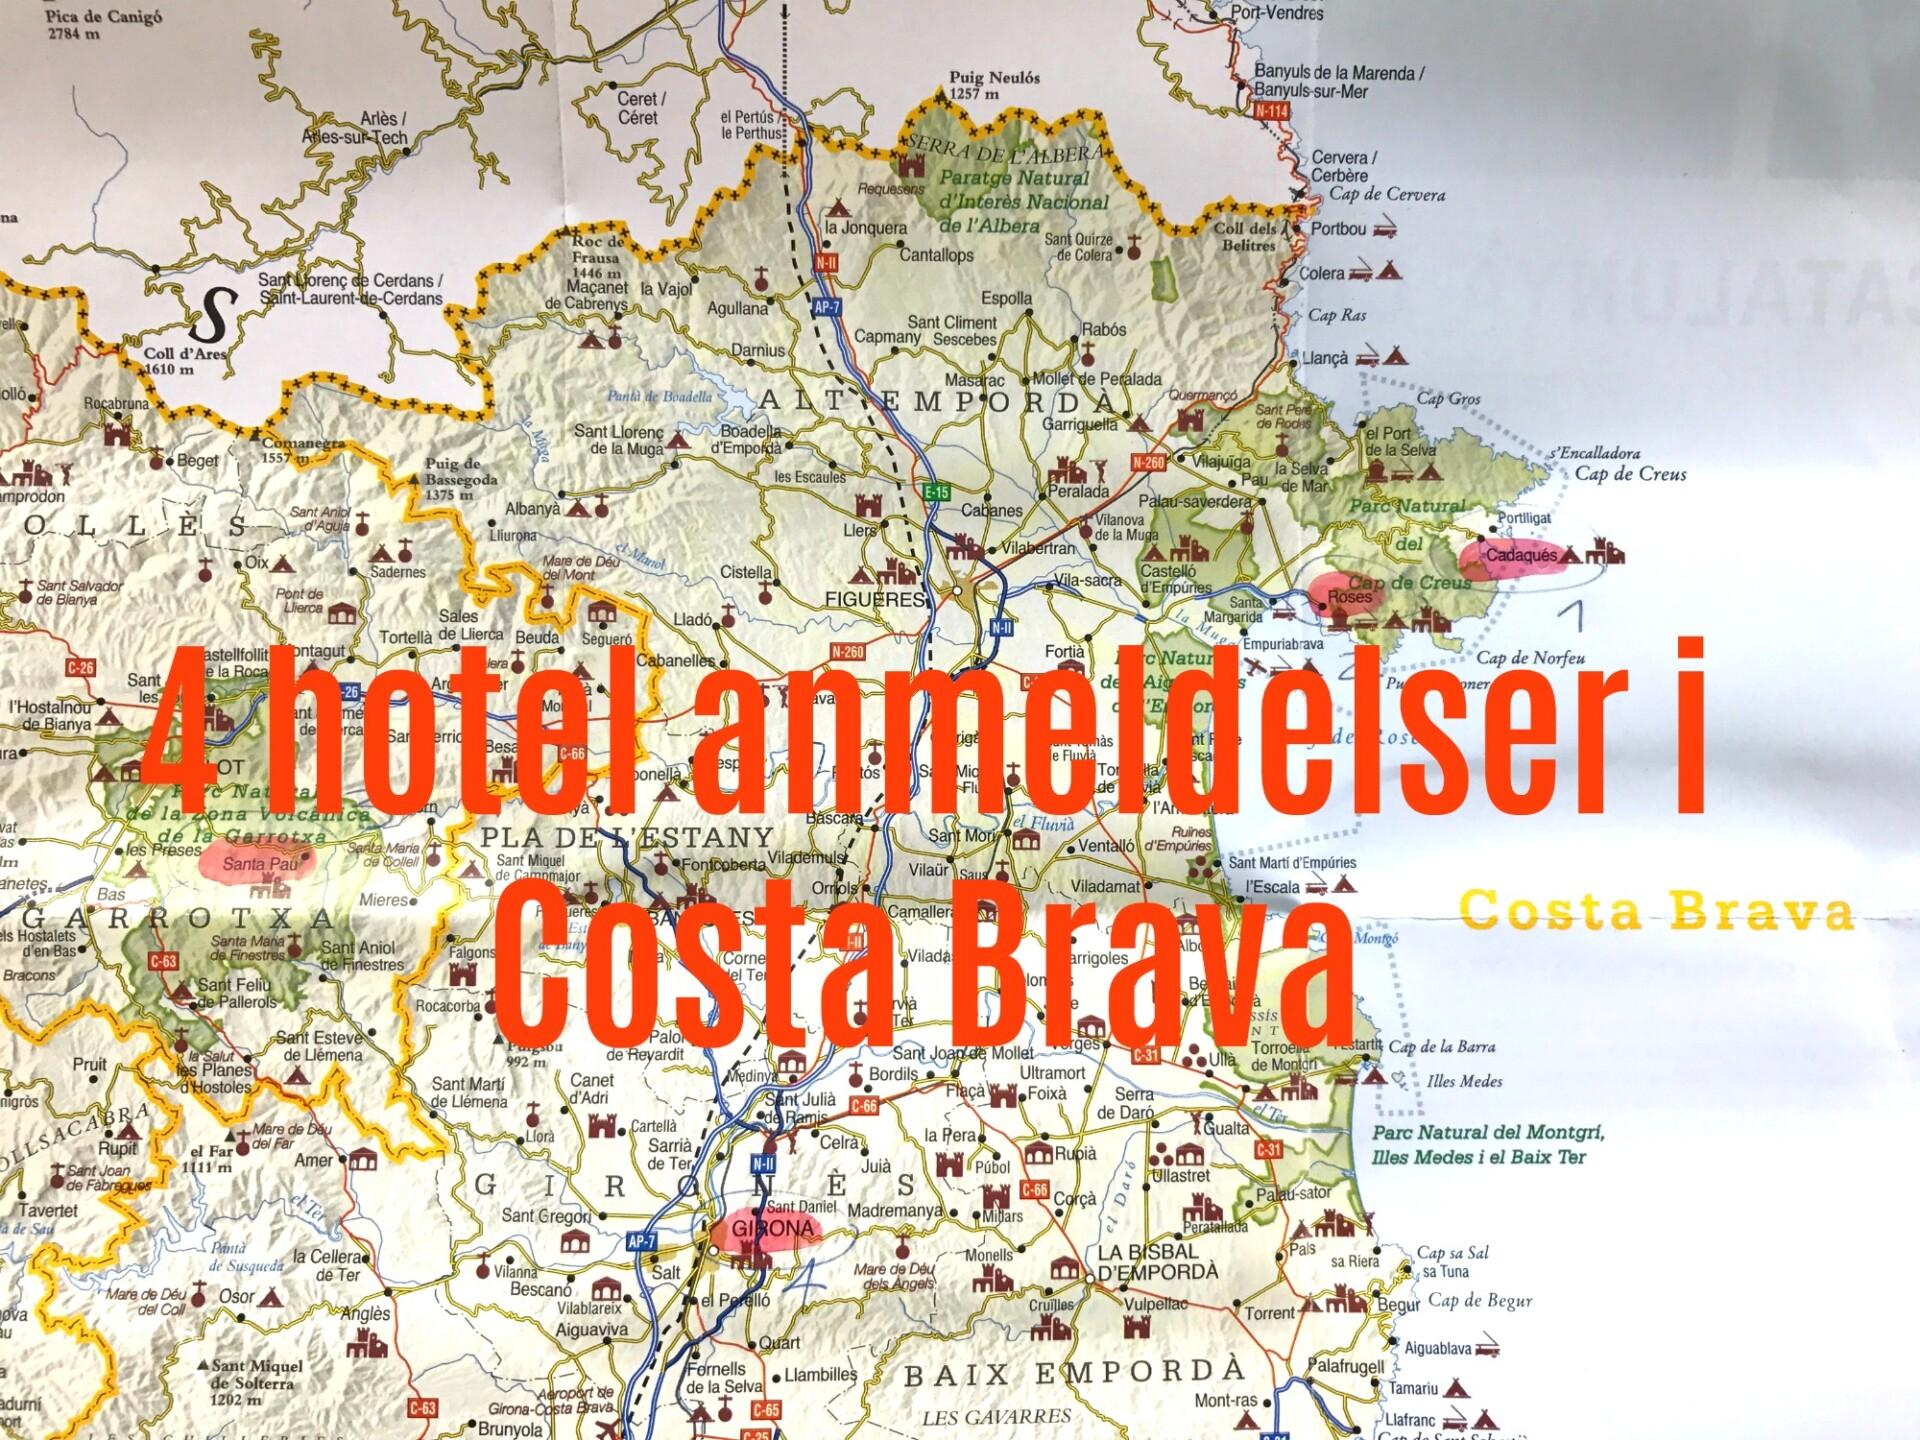 4 hotel anmeldelser fra kyst til by i Costa Brava